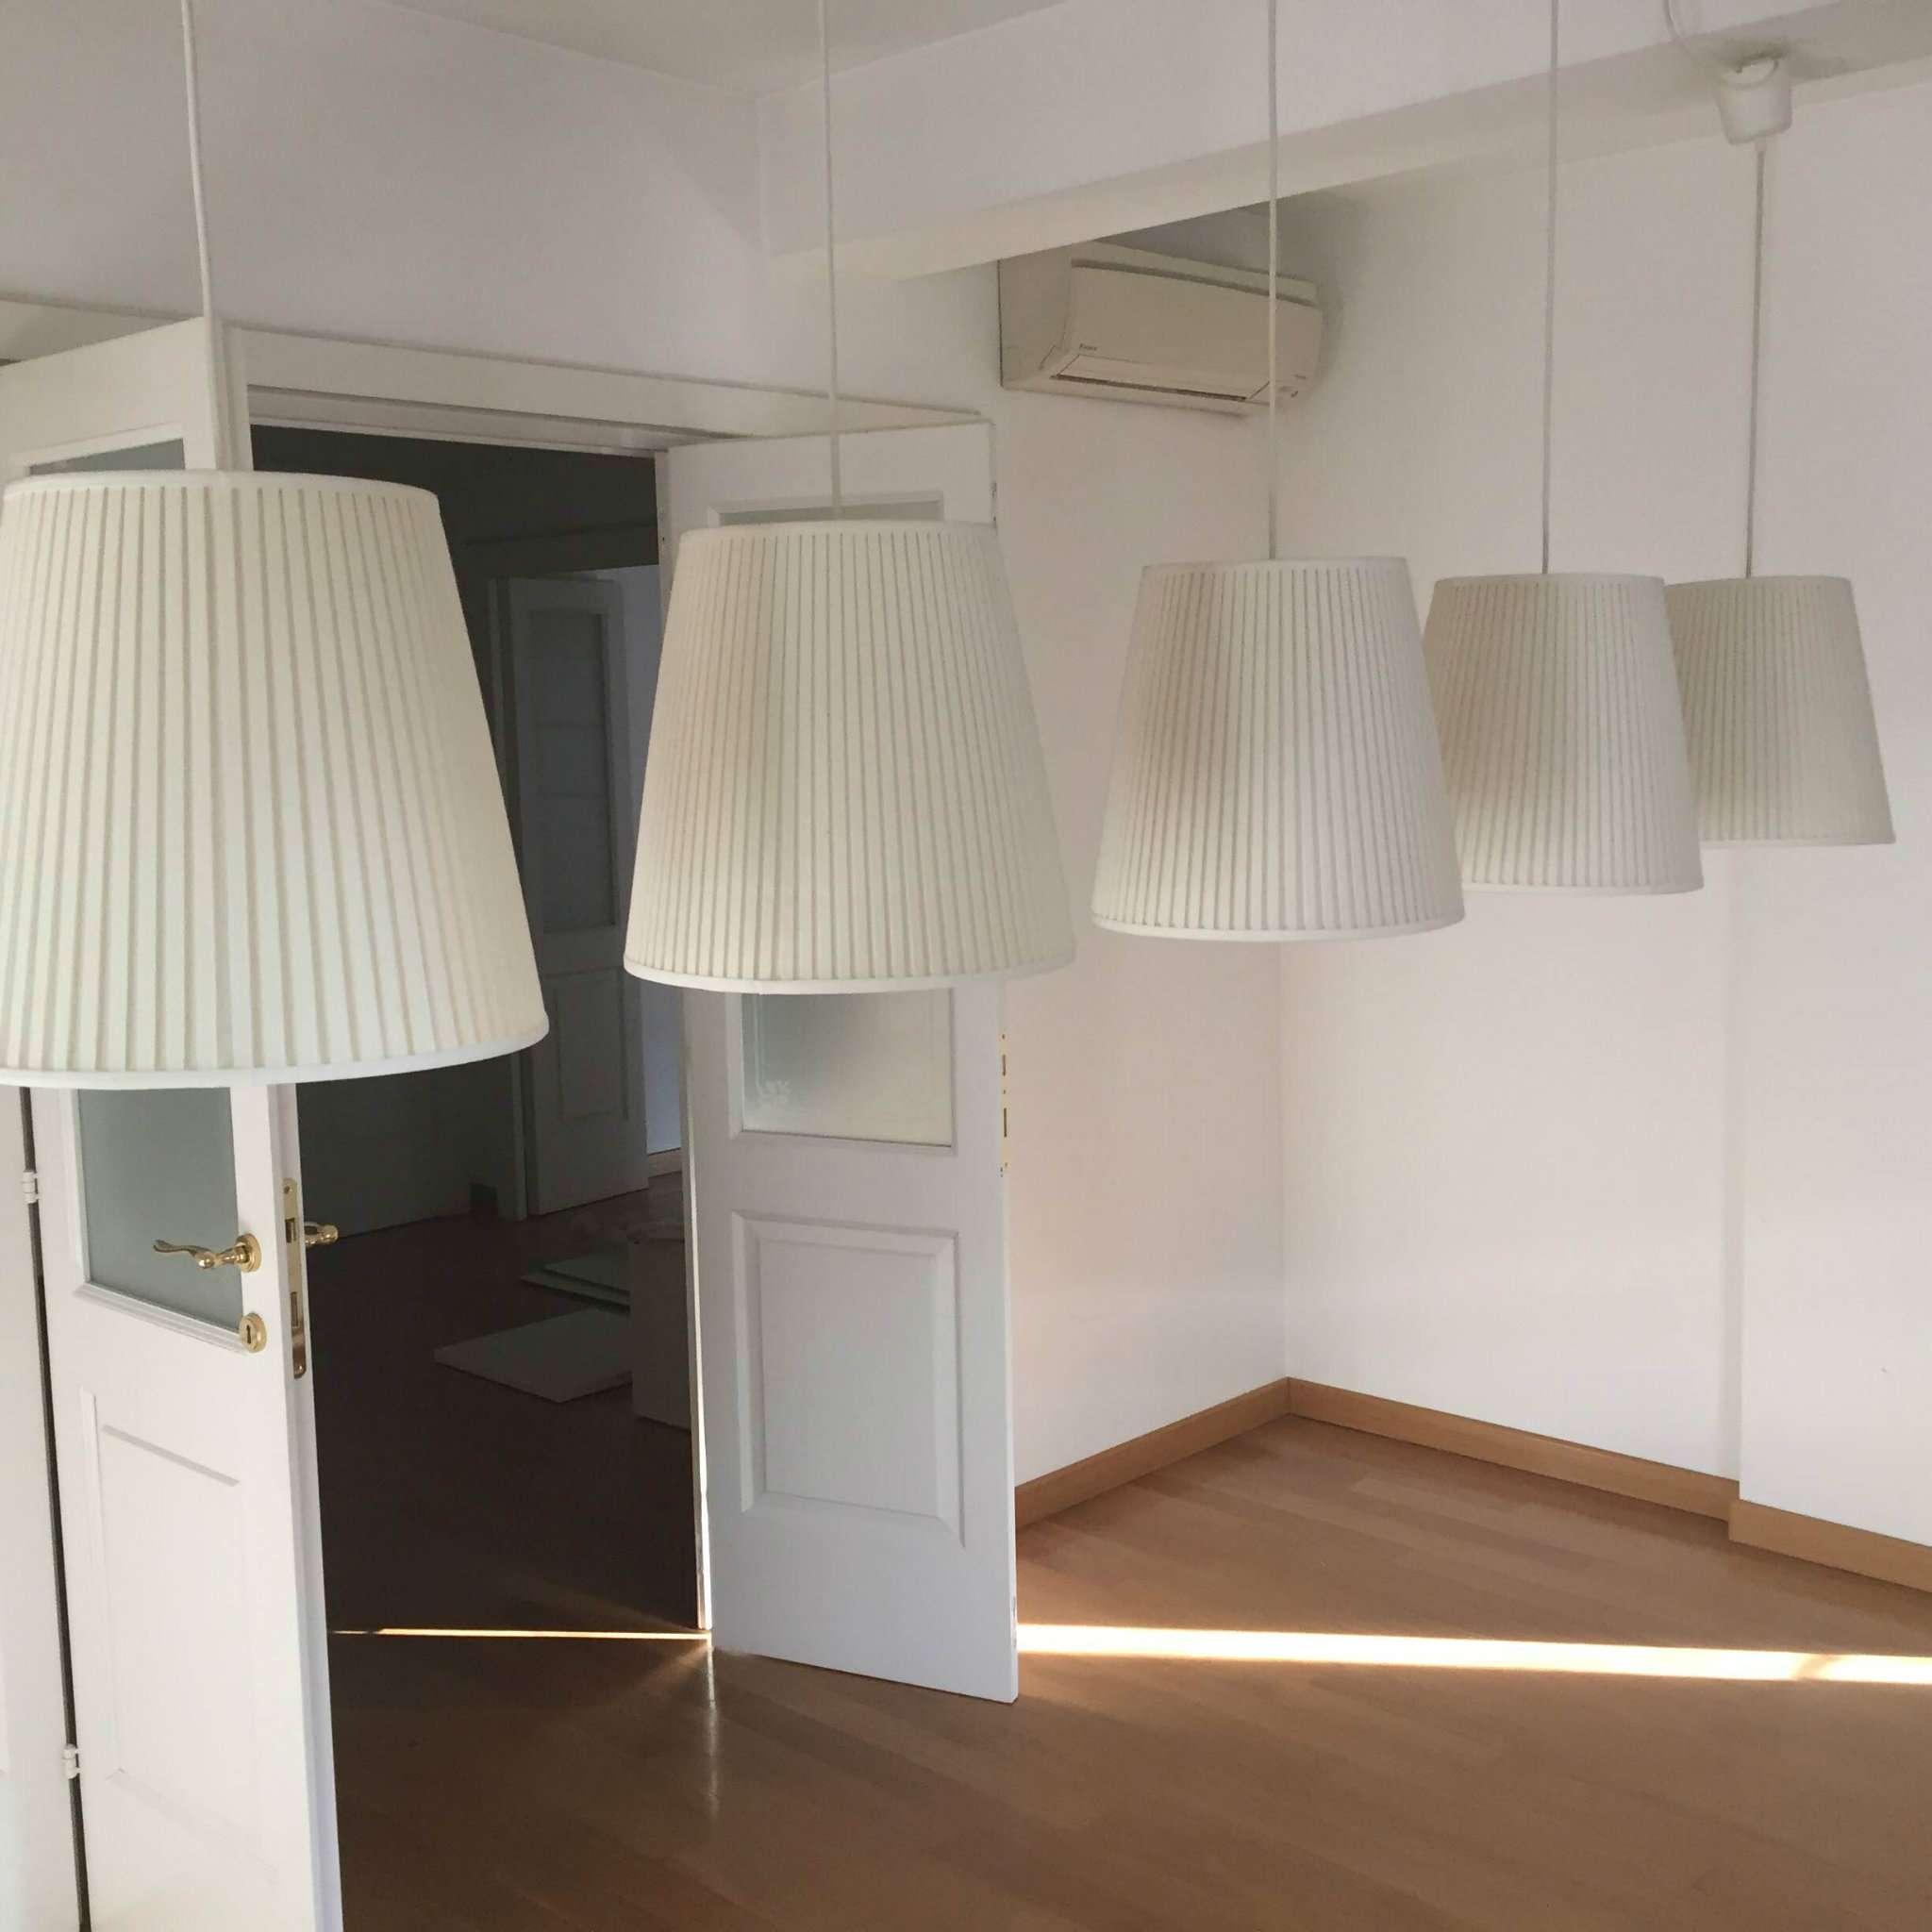 Appartamento in affitto a Milano, 3 locali, zona Zona: 1 . Centro Storico, Duomo, Brera, Cadorna, Cattolica, prezzo € 3.300   CambioCasa.it